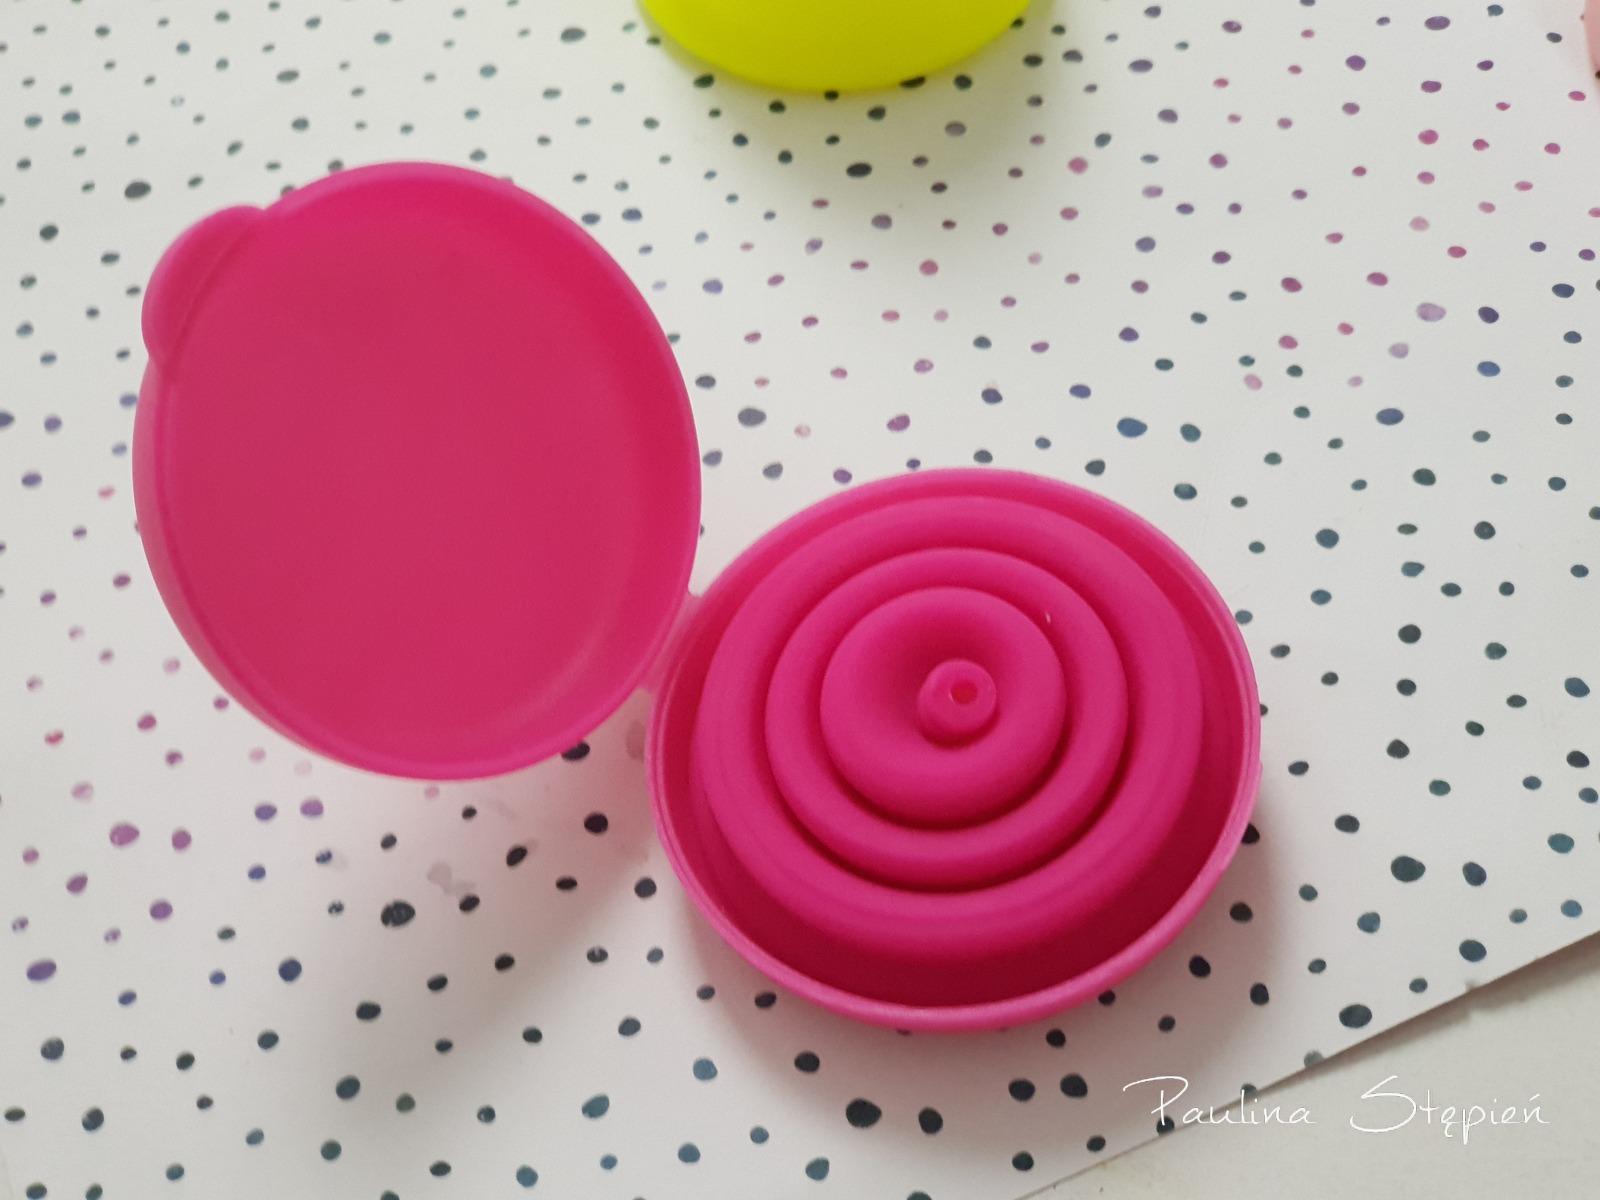 Zamykane pudełeczko ze składanym kubeczkiem Lily Cup compact